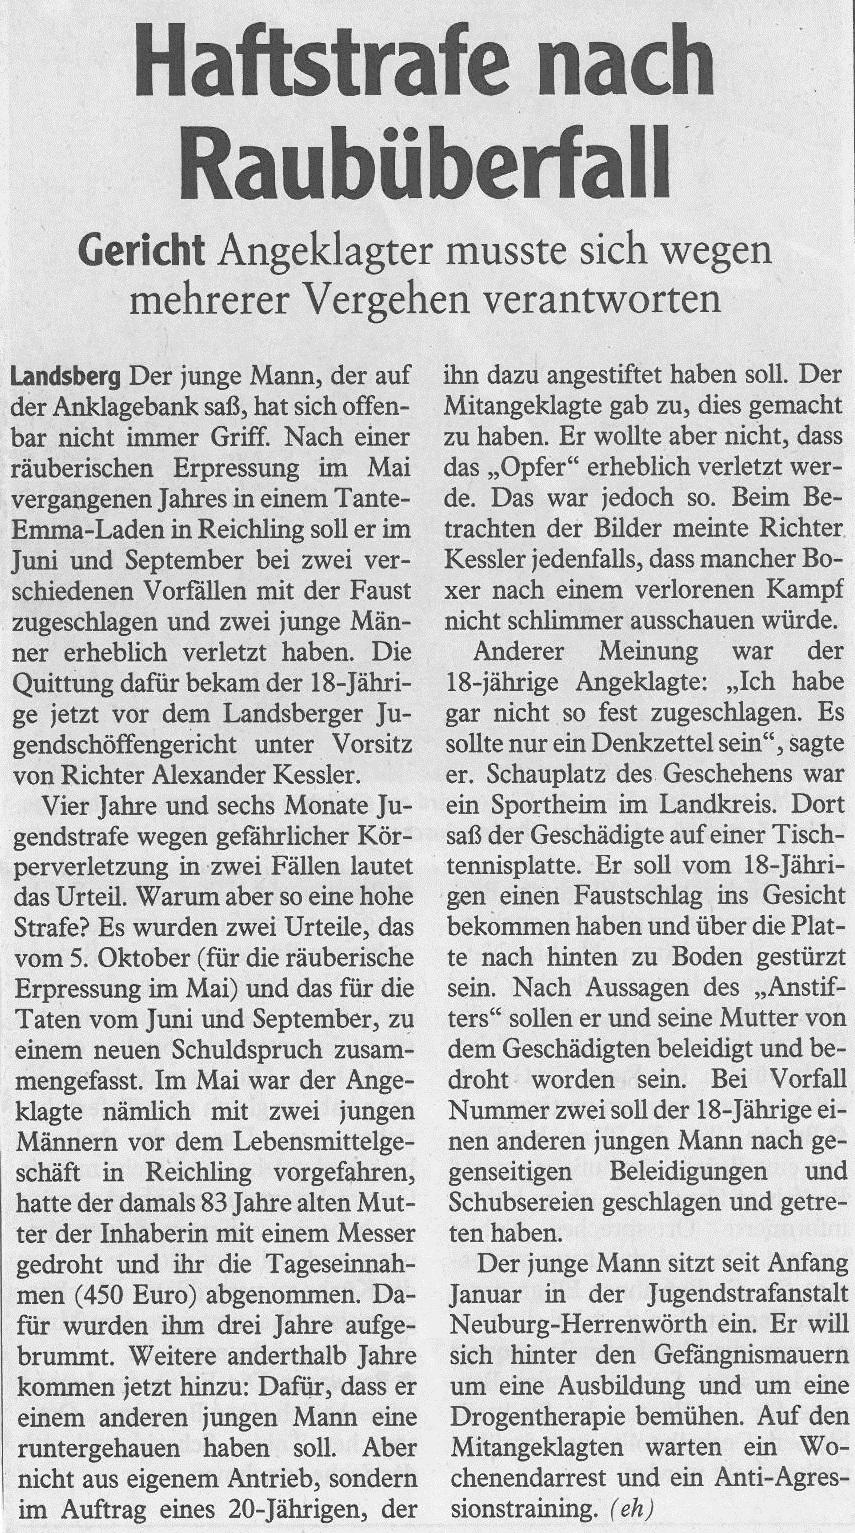 Landsberger Tagblatt, Februar 2016